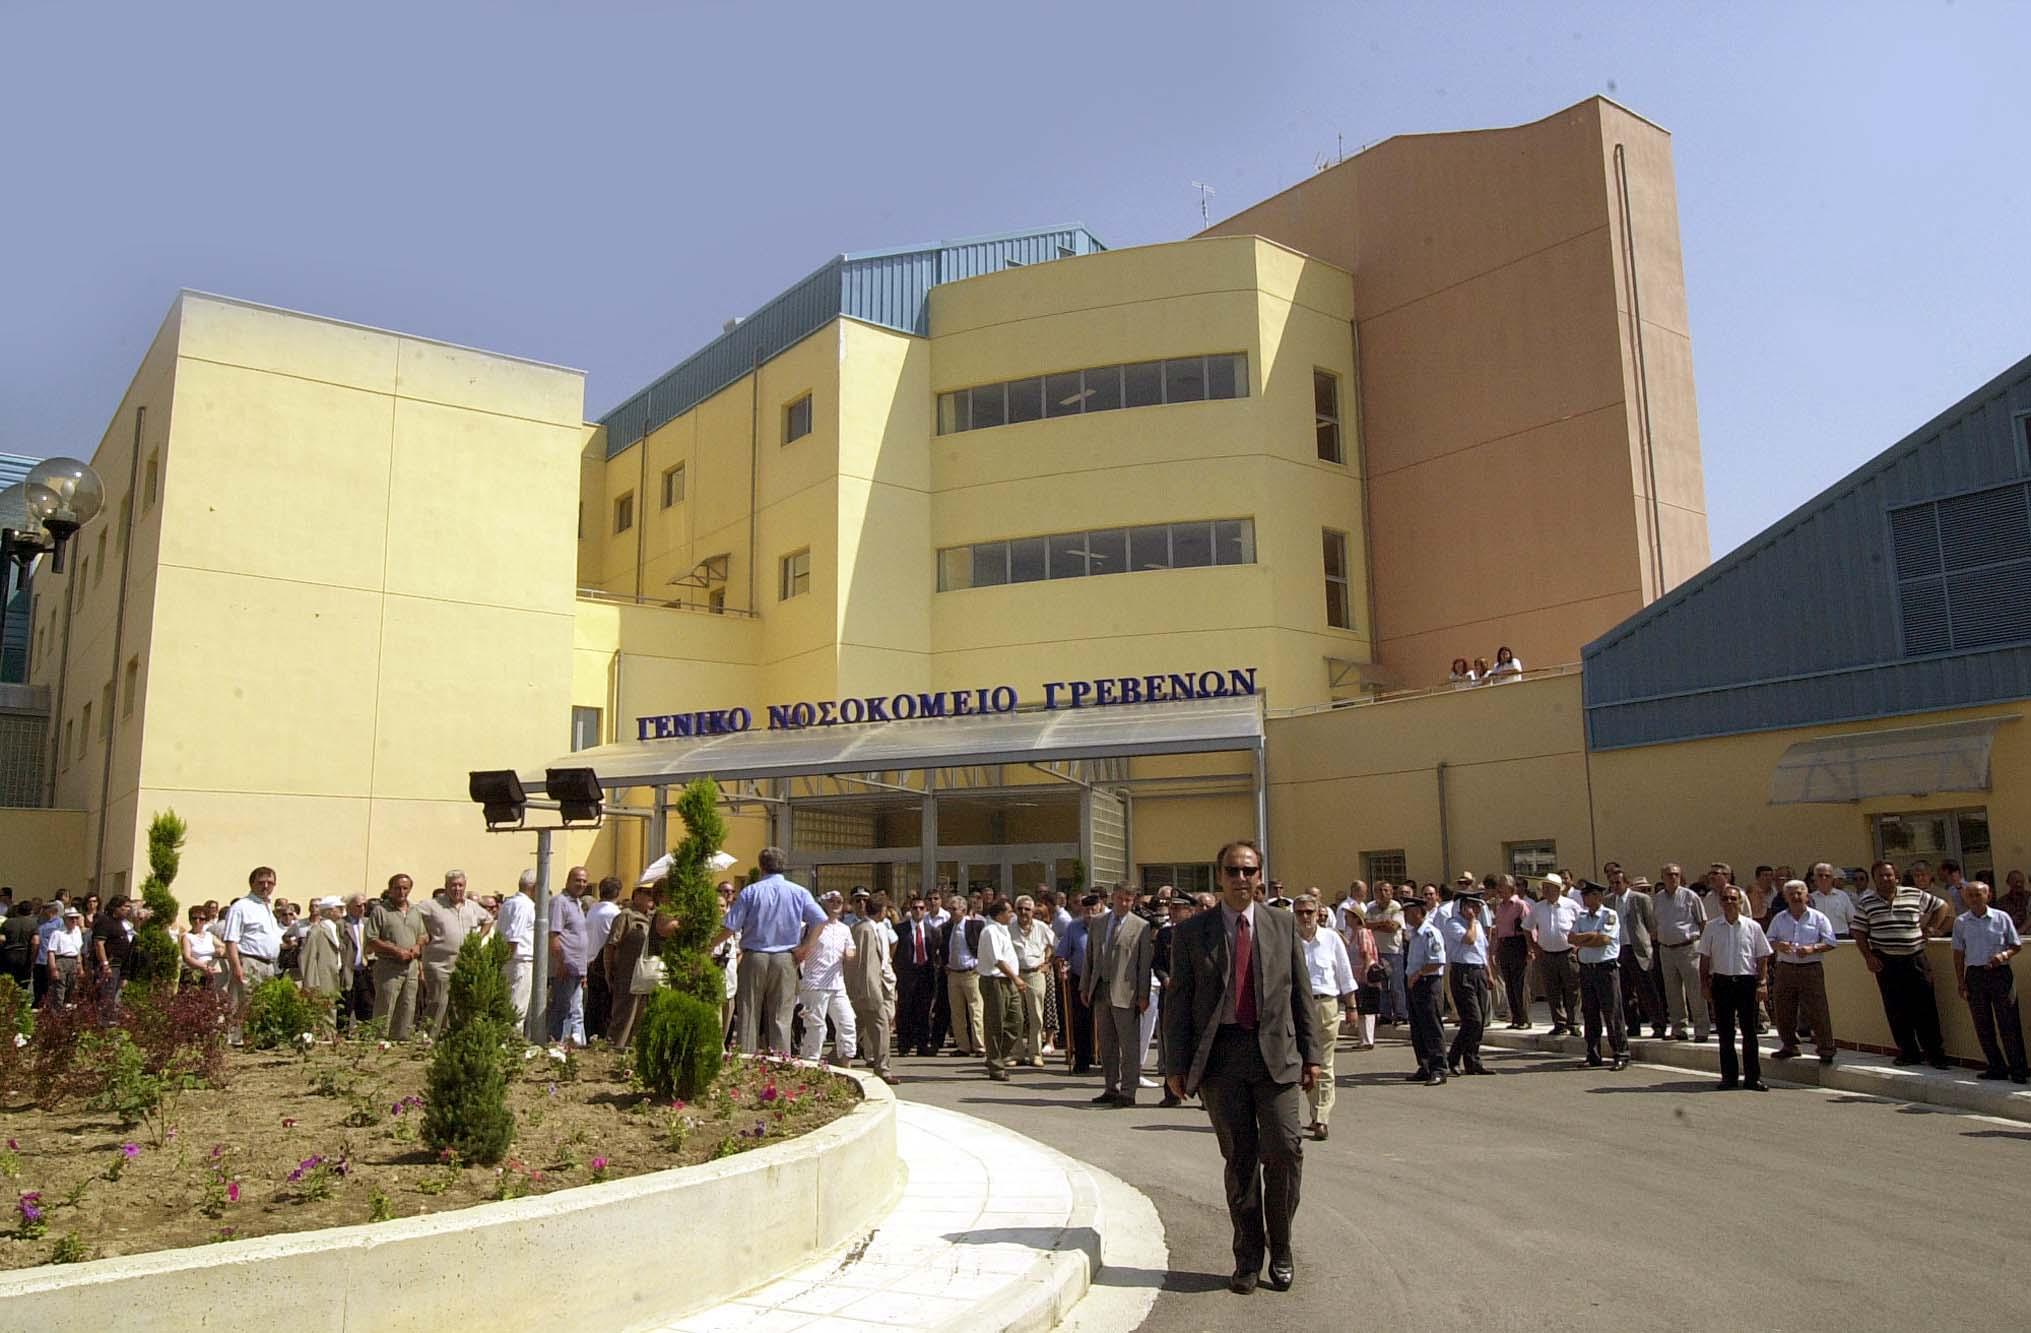 Σήμερα Τρίτη: Εκρηκτική η κατάσταση στο Νοσοκομείο Γρεβενών. Γιατροί, Νοσοκόμες και προσωπικό έξω από το Νοσοκομείο!!!